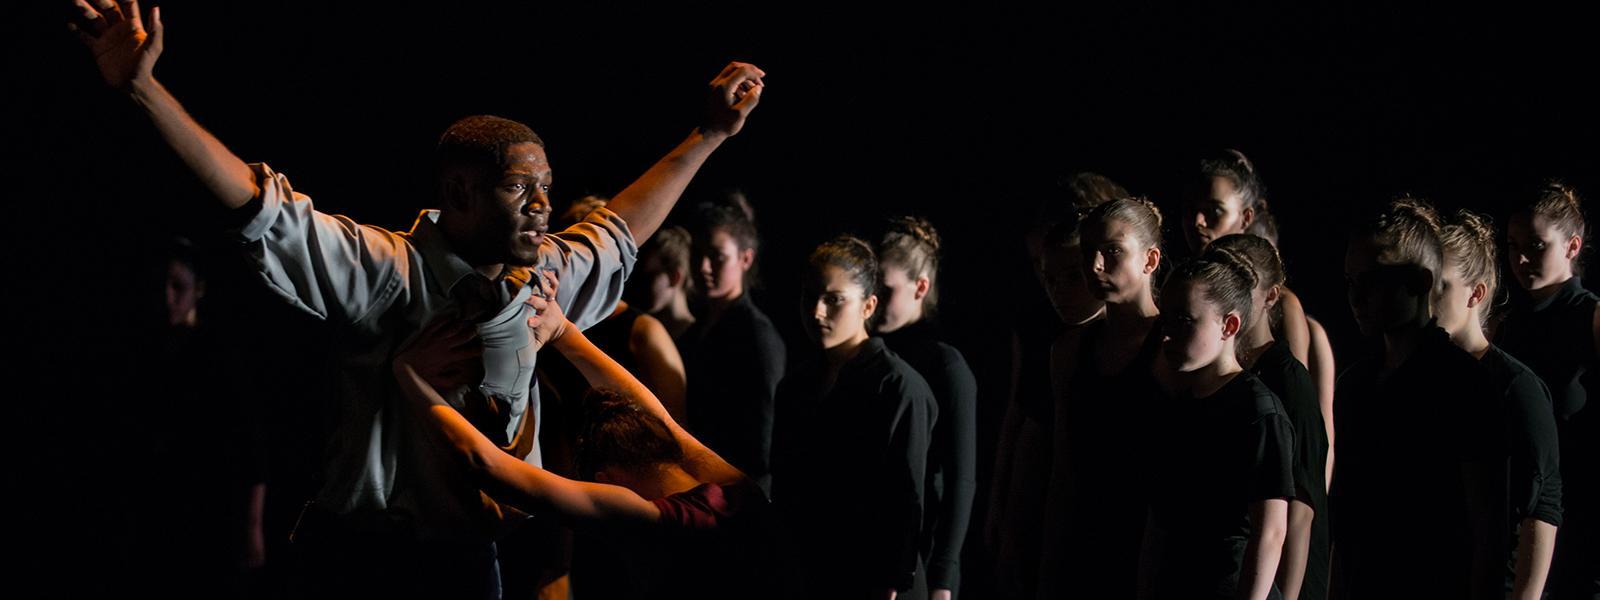 Fall Dance 2015 / Photo: Peter Mueller